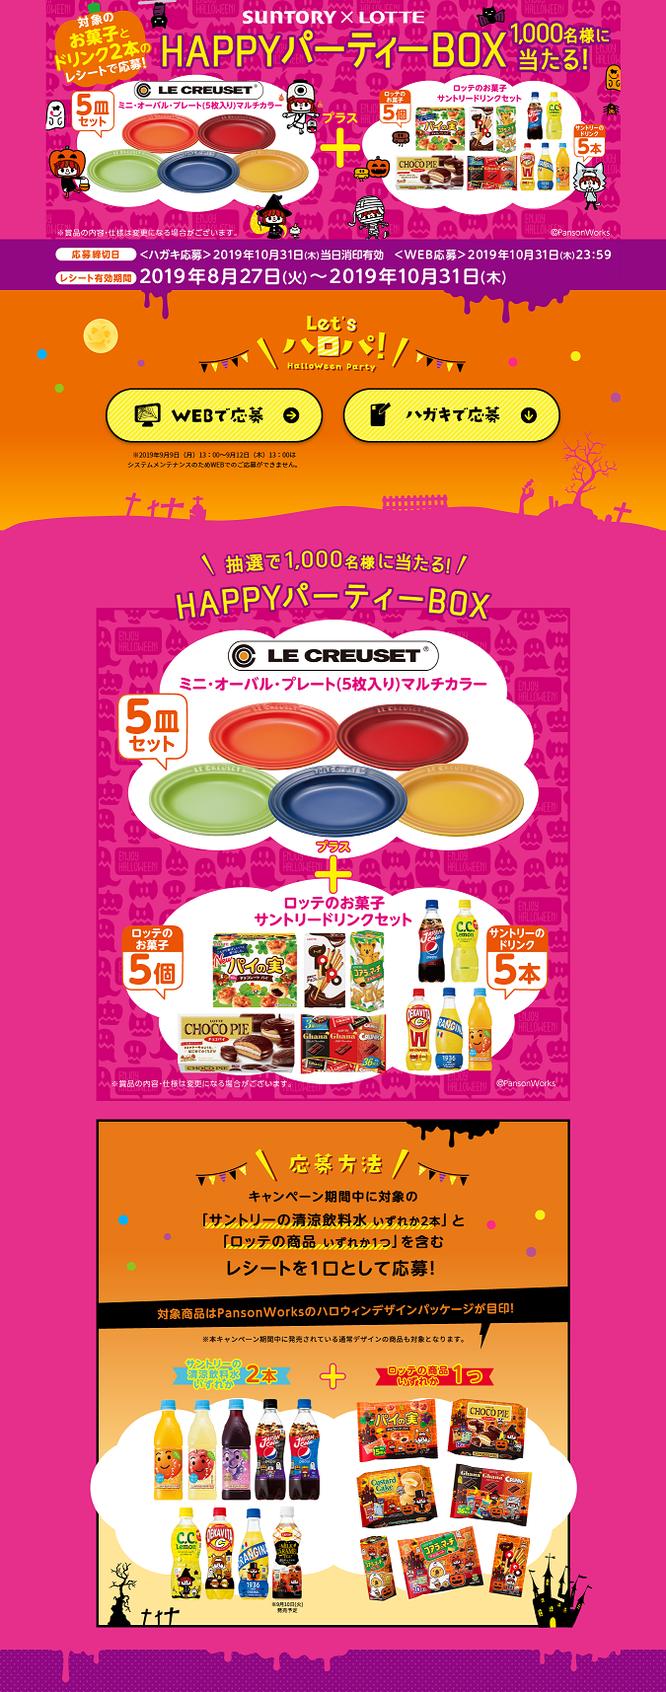 【サントリー×ロッテ】ル・クルーゼ HAPPYパーティーBOX当たる!キャンペーン